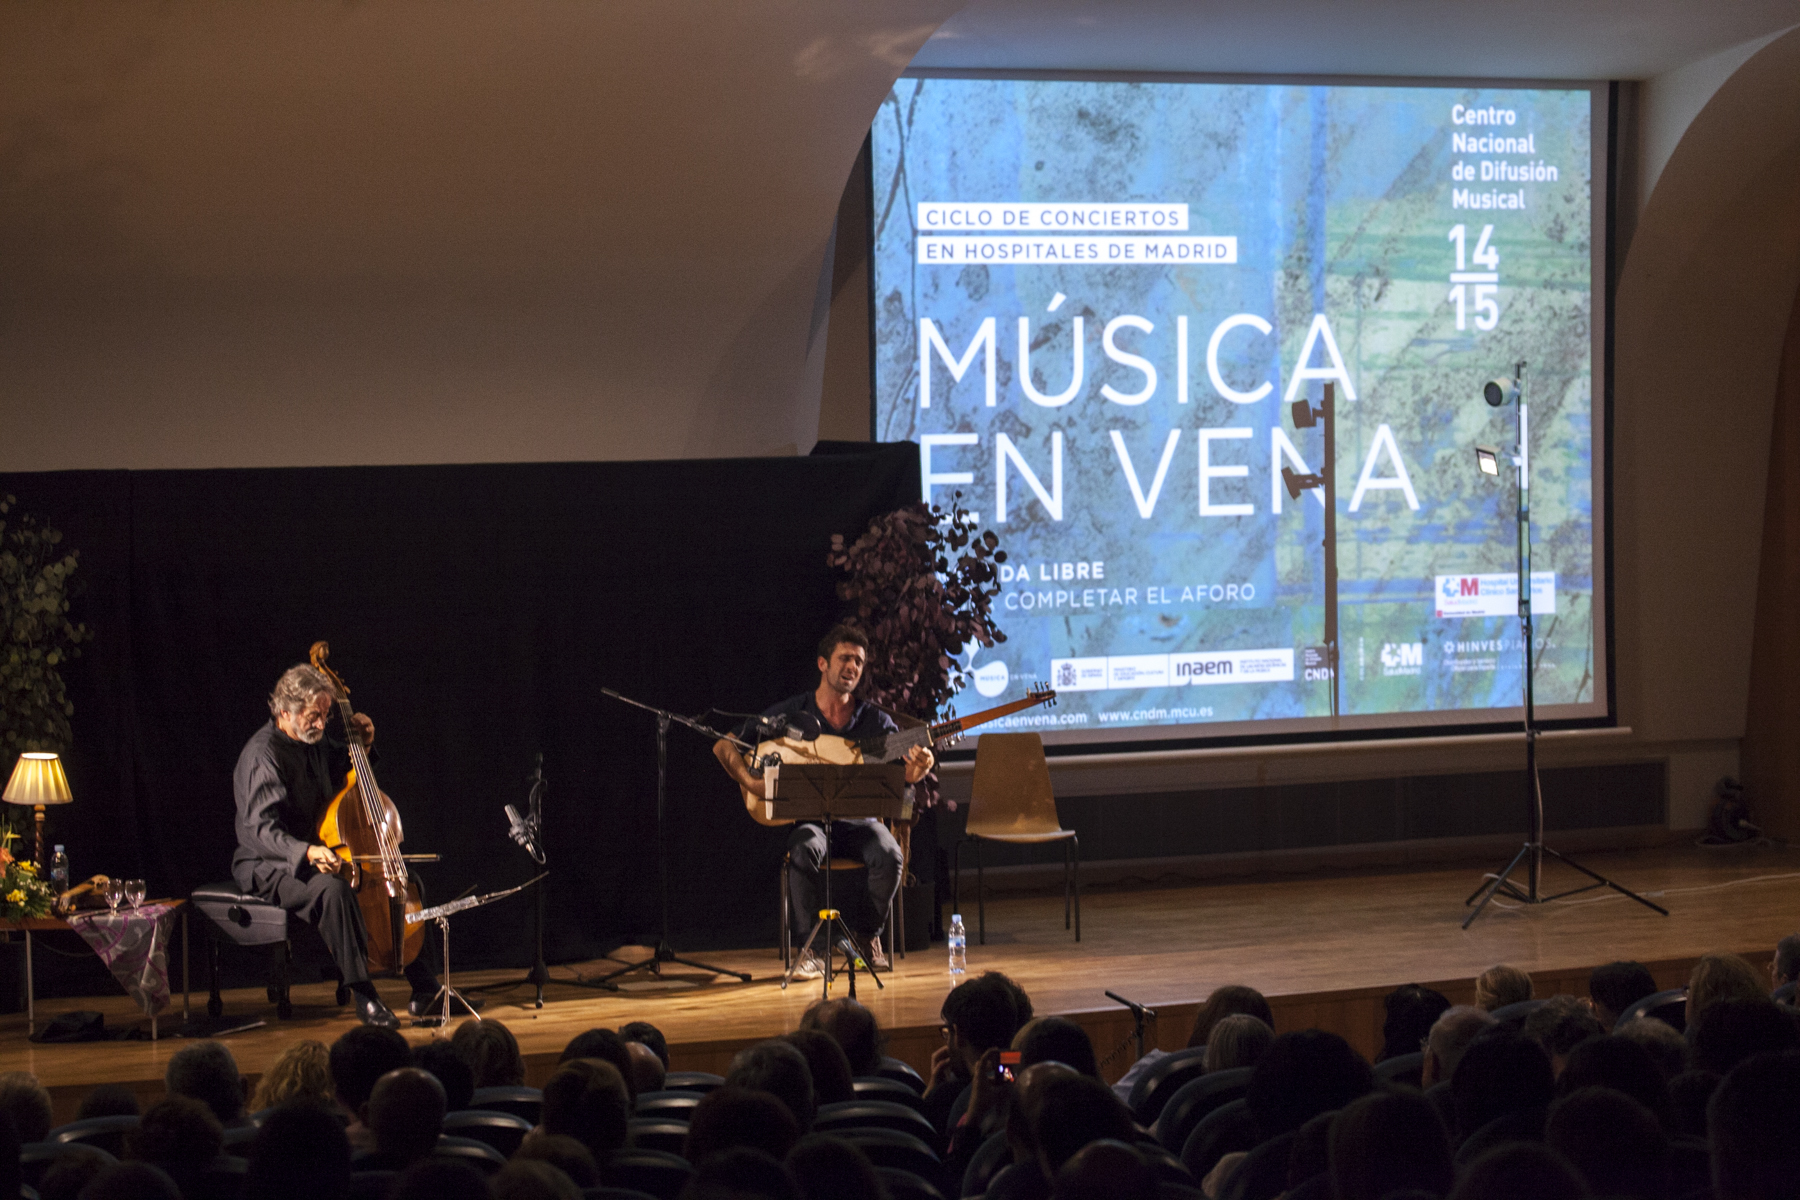 CICLO MEV Y CNDM: JORDI Y FERRAN SAVALL EN EL SAN CARLOS